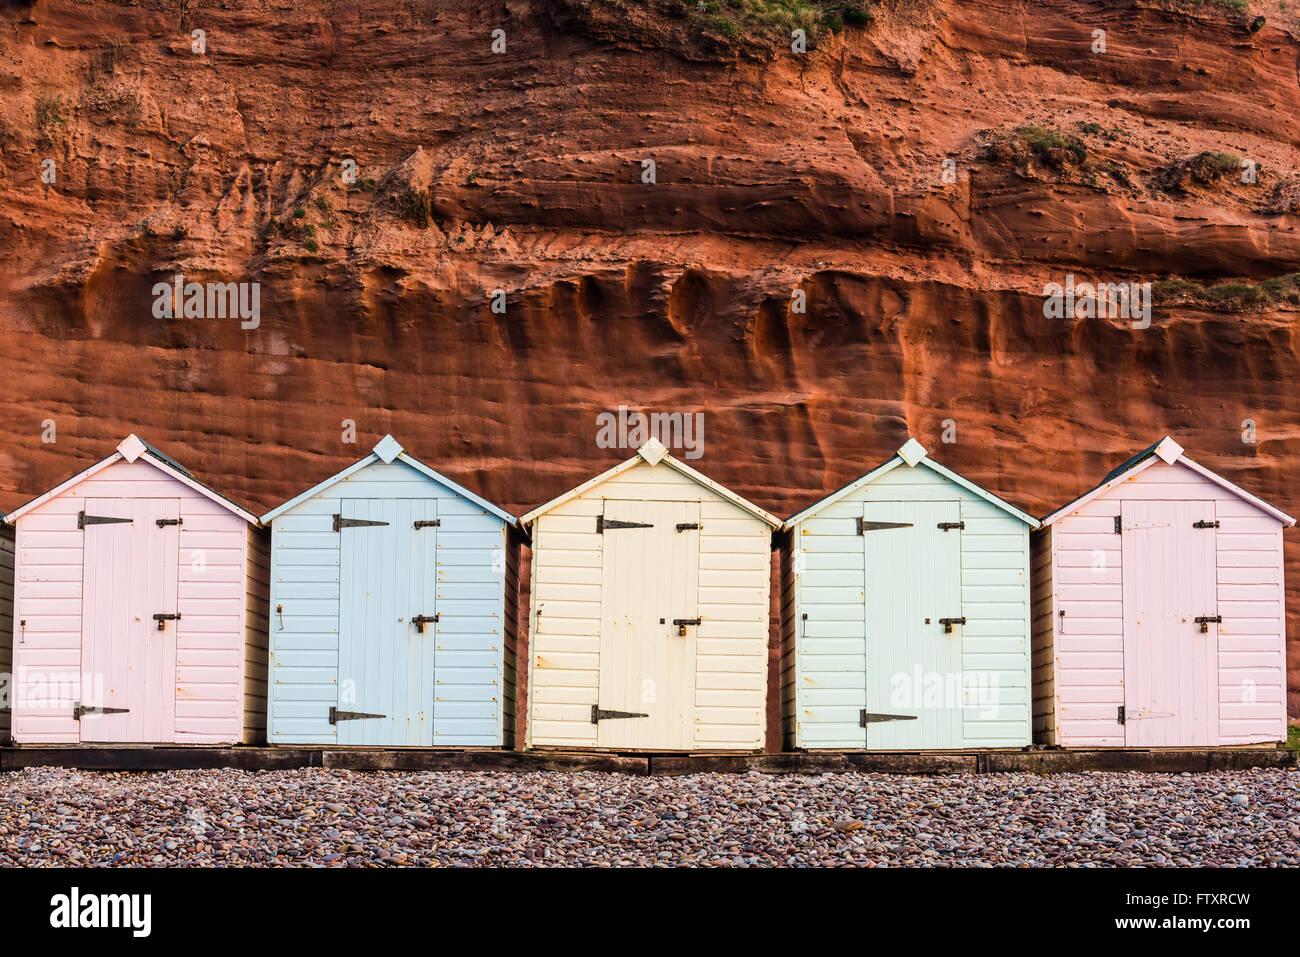 Cabaña en la playa fila en colores pastel, fondo de roca roja, en el sur de Devon, Reino Unido Imagen De Stock